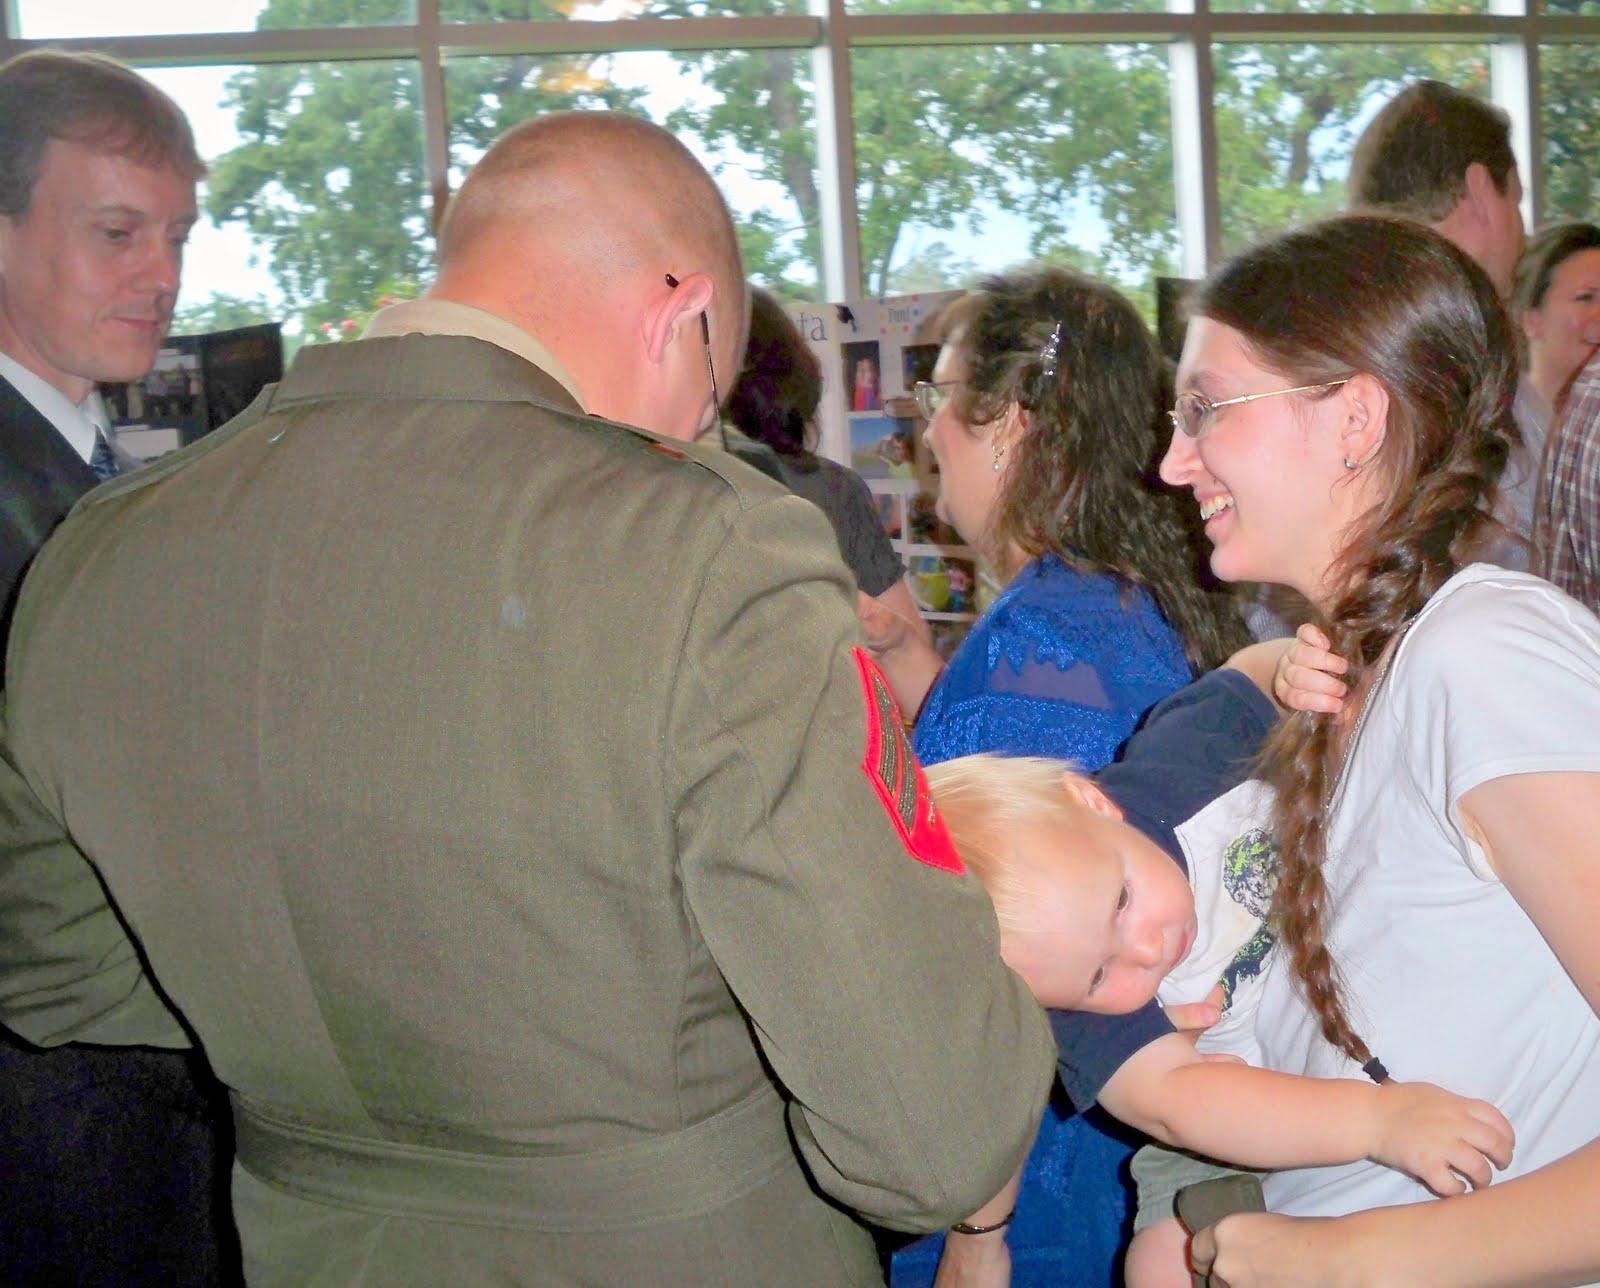 http://1.bp.blogspot.com/_n_wBd-PxRoI/TI1EWrrLCtI/AAAAAAAAMQI/g_csg41Q5yo/s1600/Visiting+with+Matt+and+Amanda.jpg